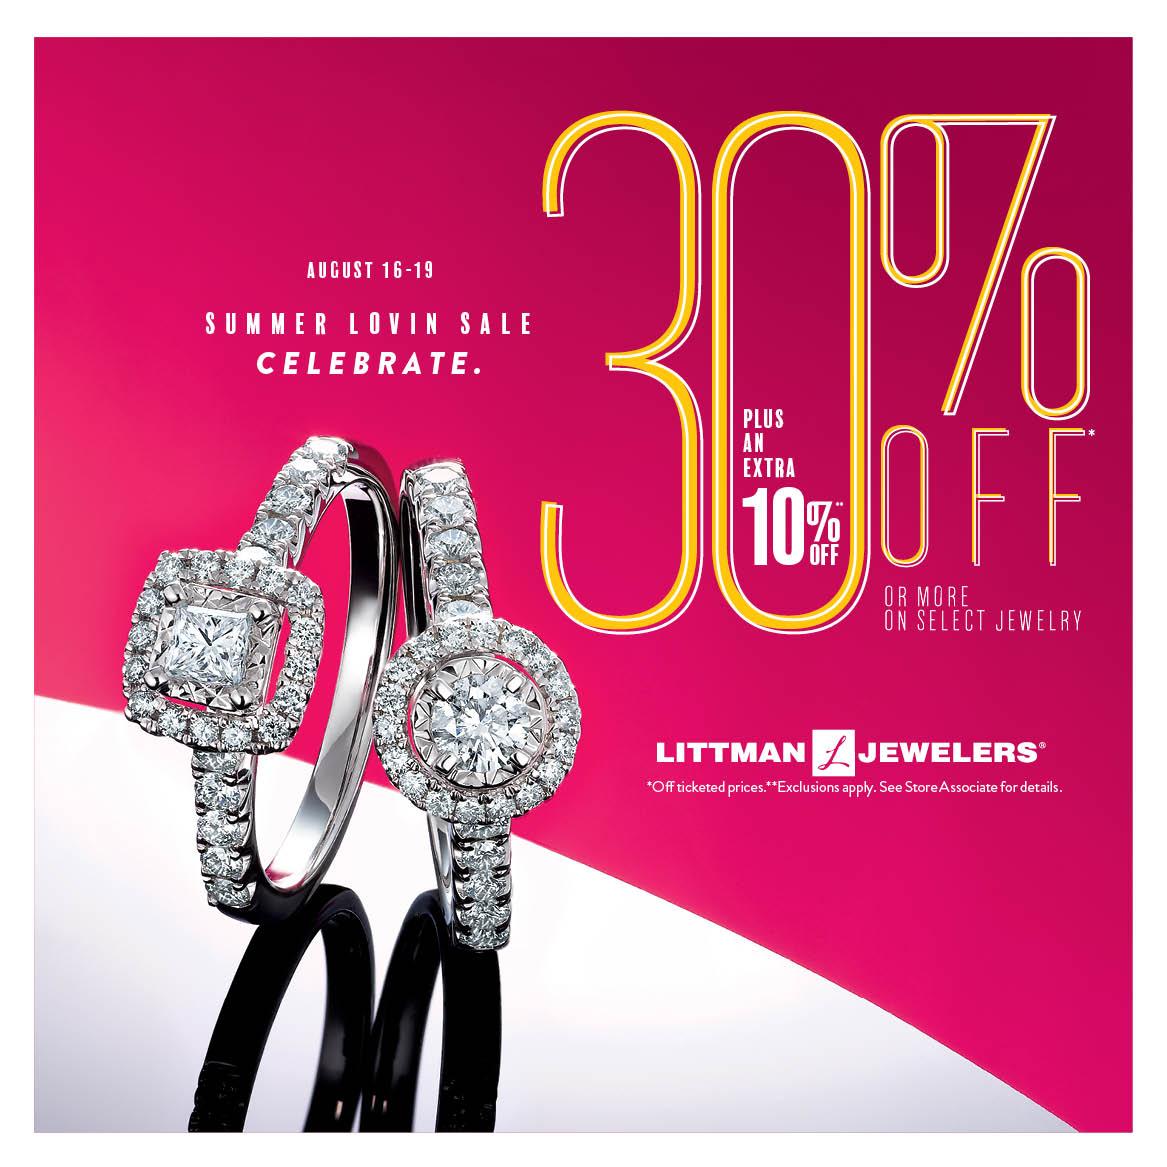 littman jewelers 30% off sale